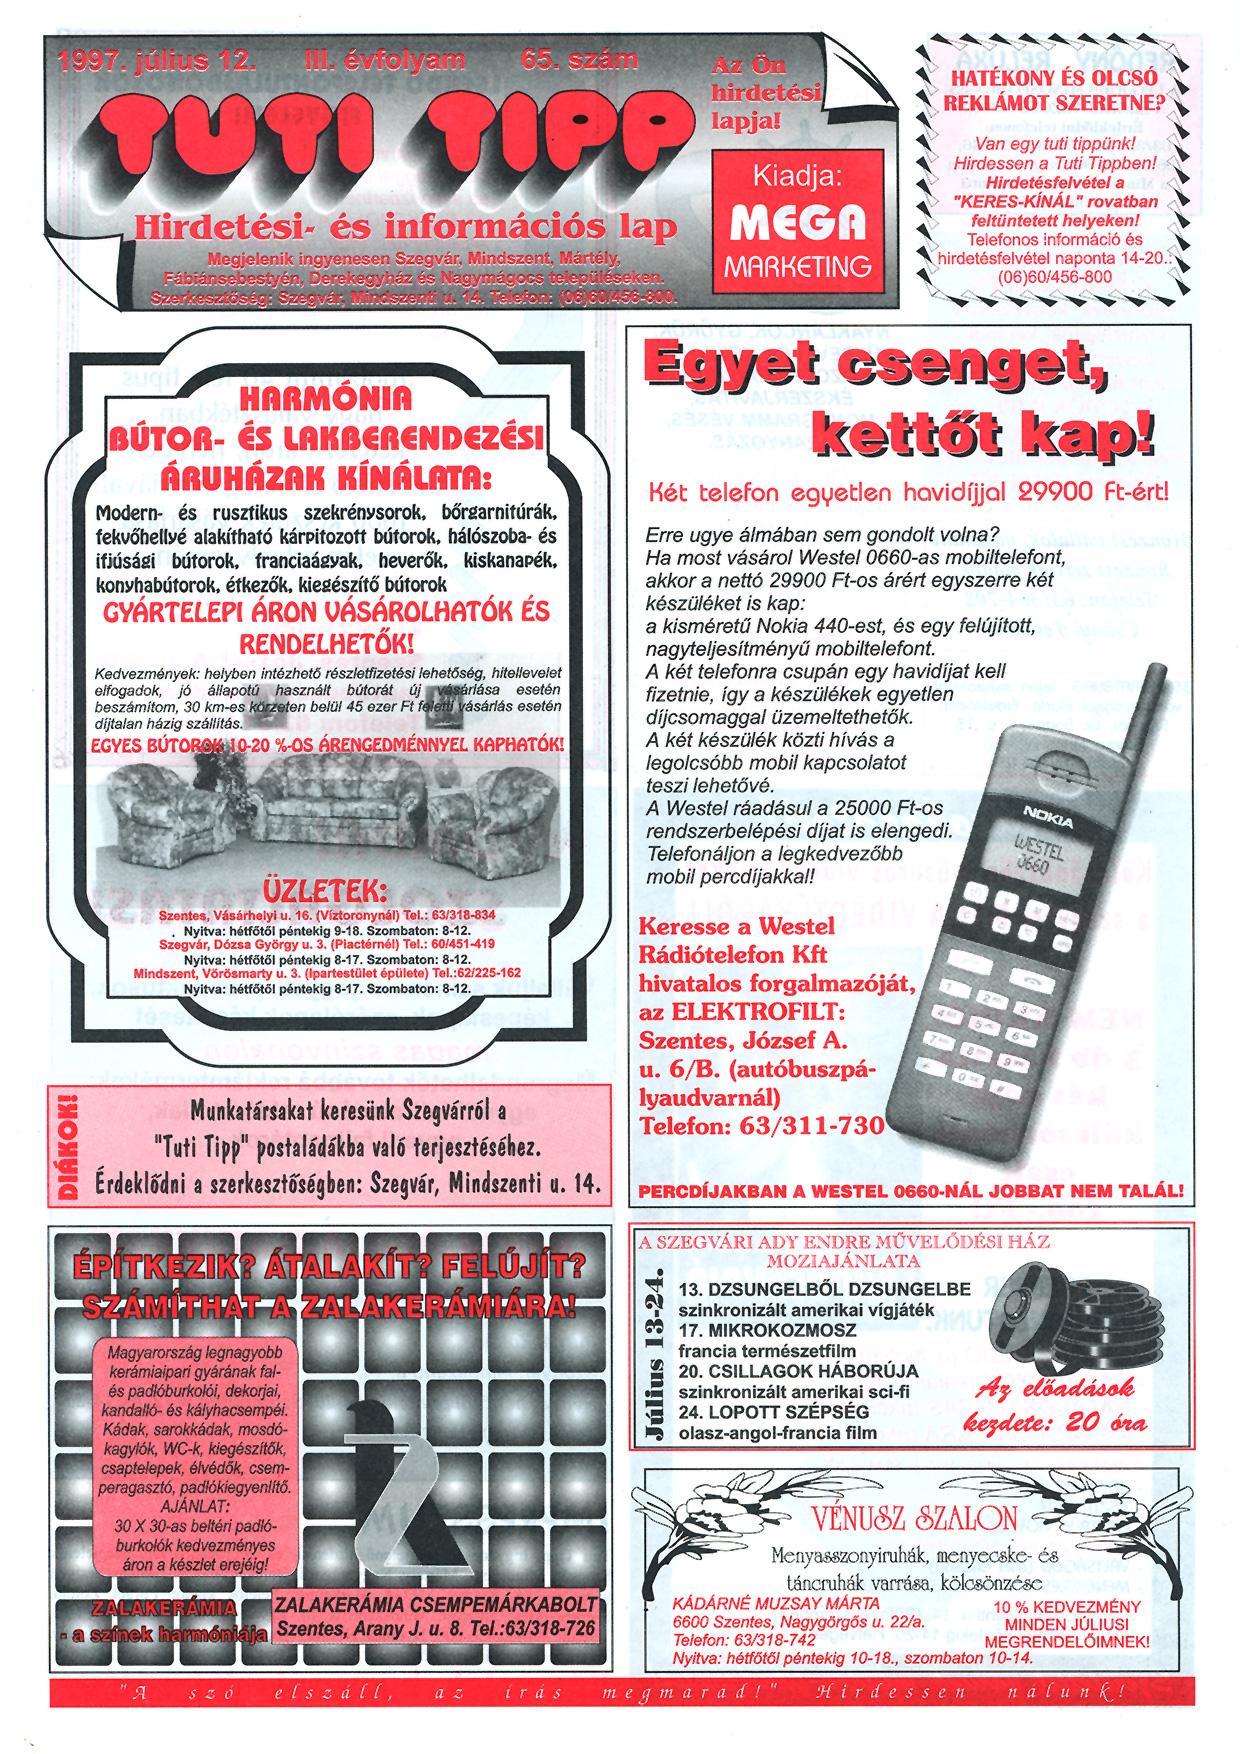 023 Tuti Tipp reklámújság - 19970712-065. lapszám - 1.oldal - III. évfolyam.jpg